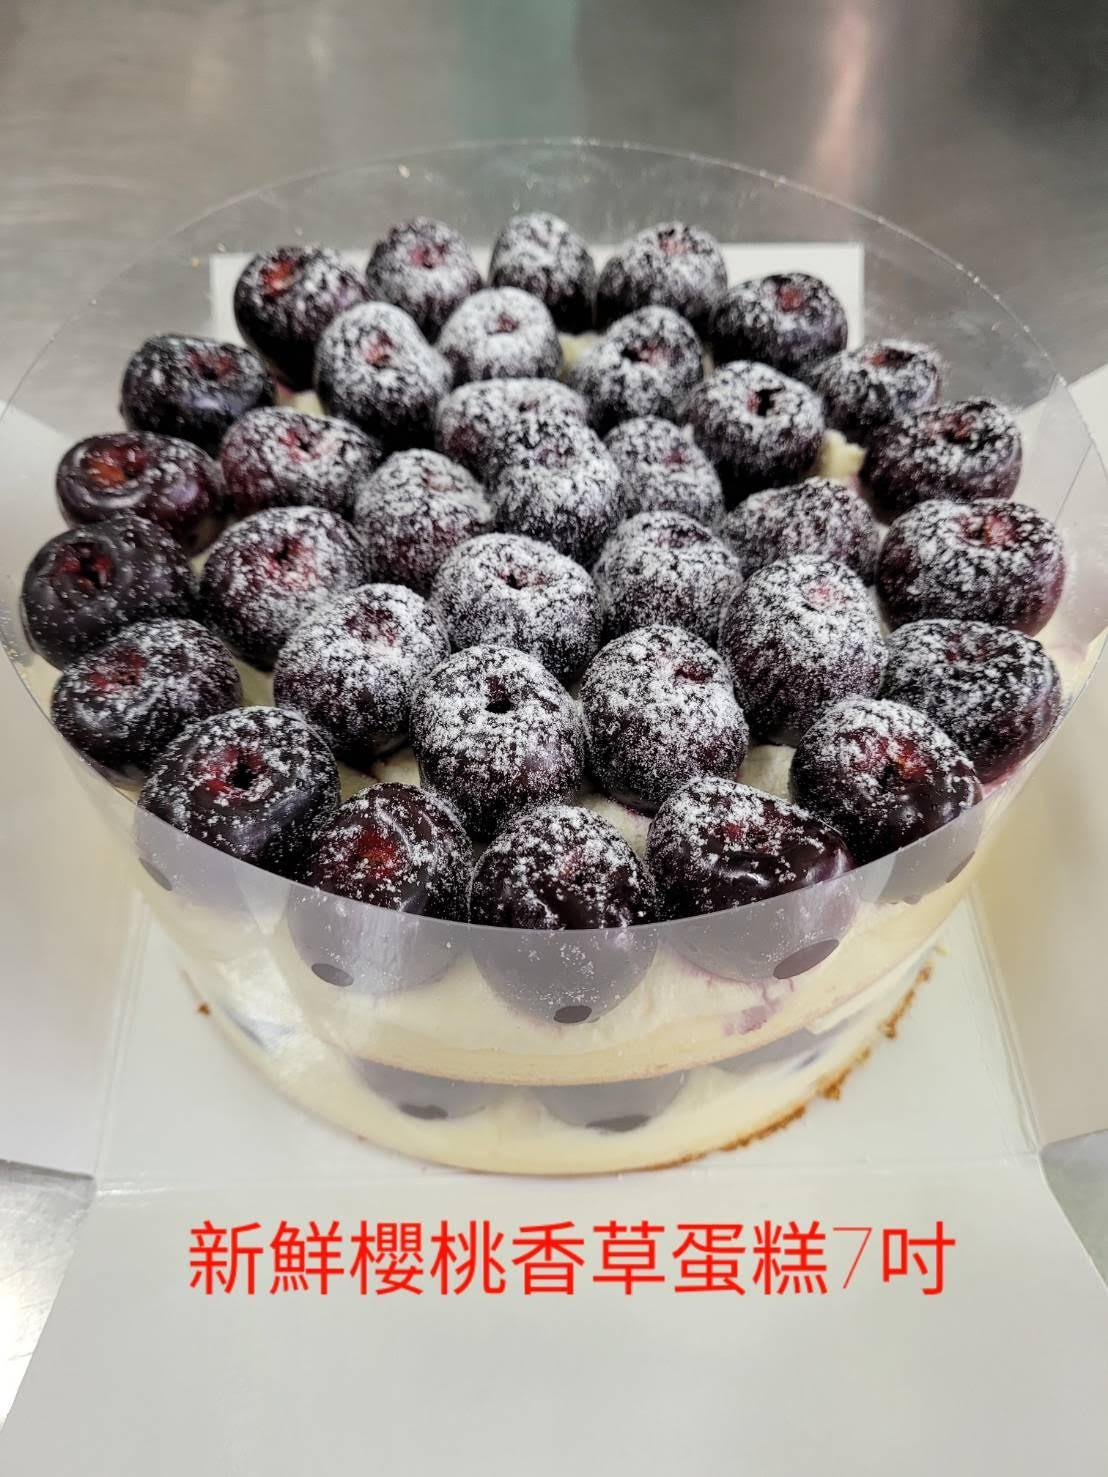 新巧屋7吋櫻桃爆多香草蛋糕